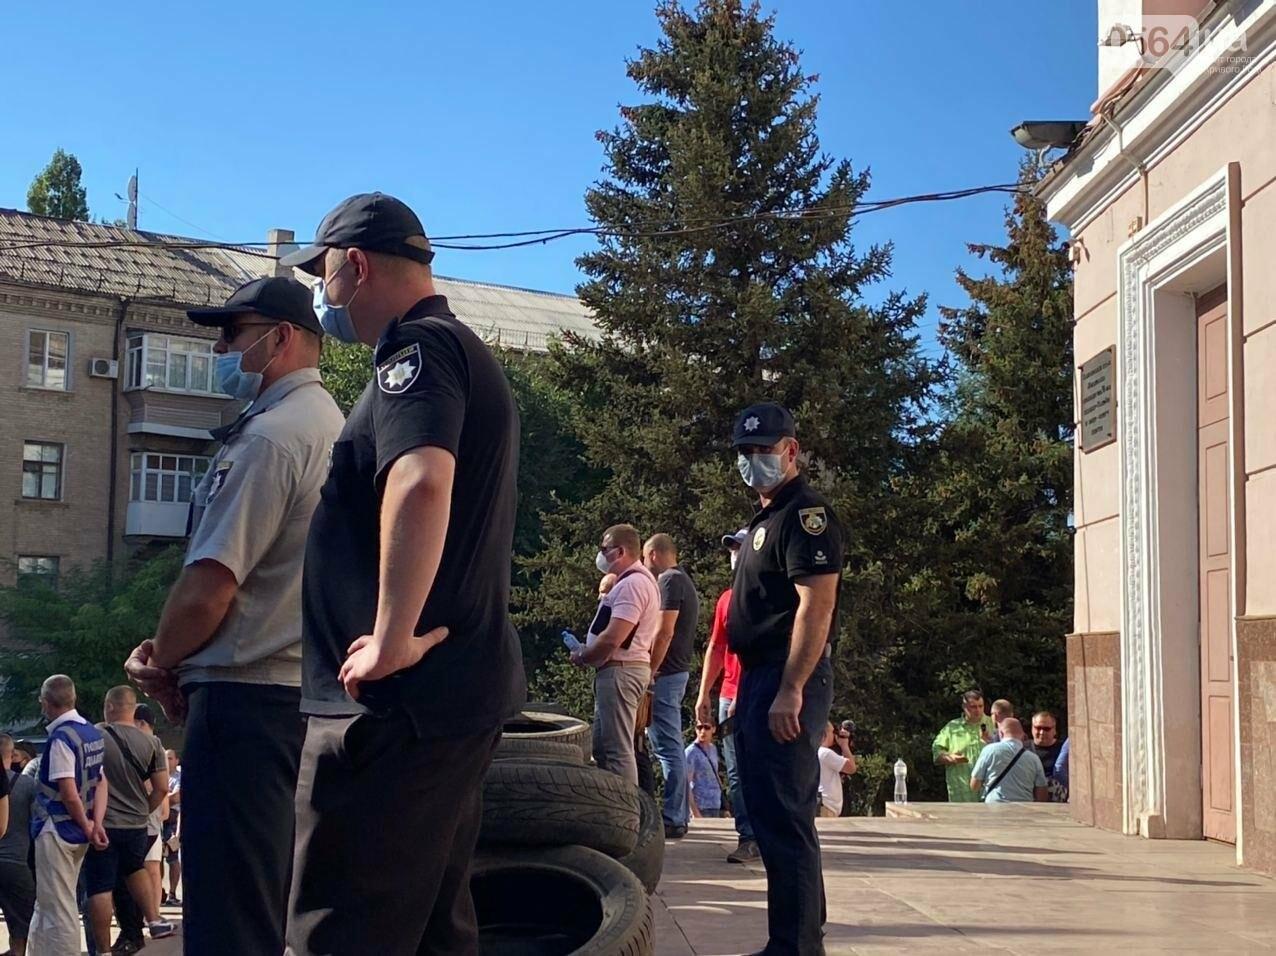 Отмолчаться не получится: у входа в админздание КЖРК проходит массовый митинг, на ступеньках сложены шины,  - ФОТО, ВИДЕО, фото-13